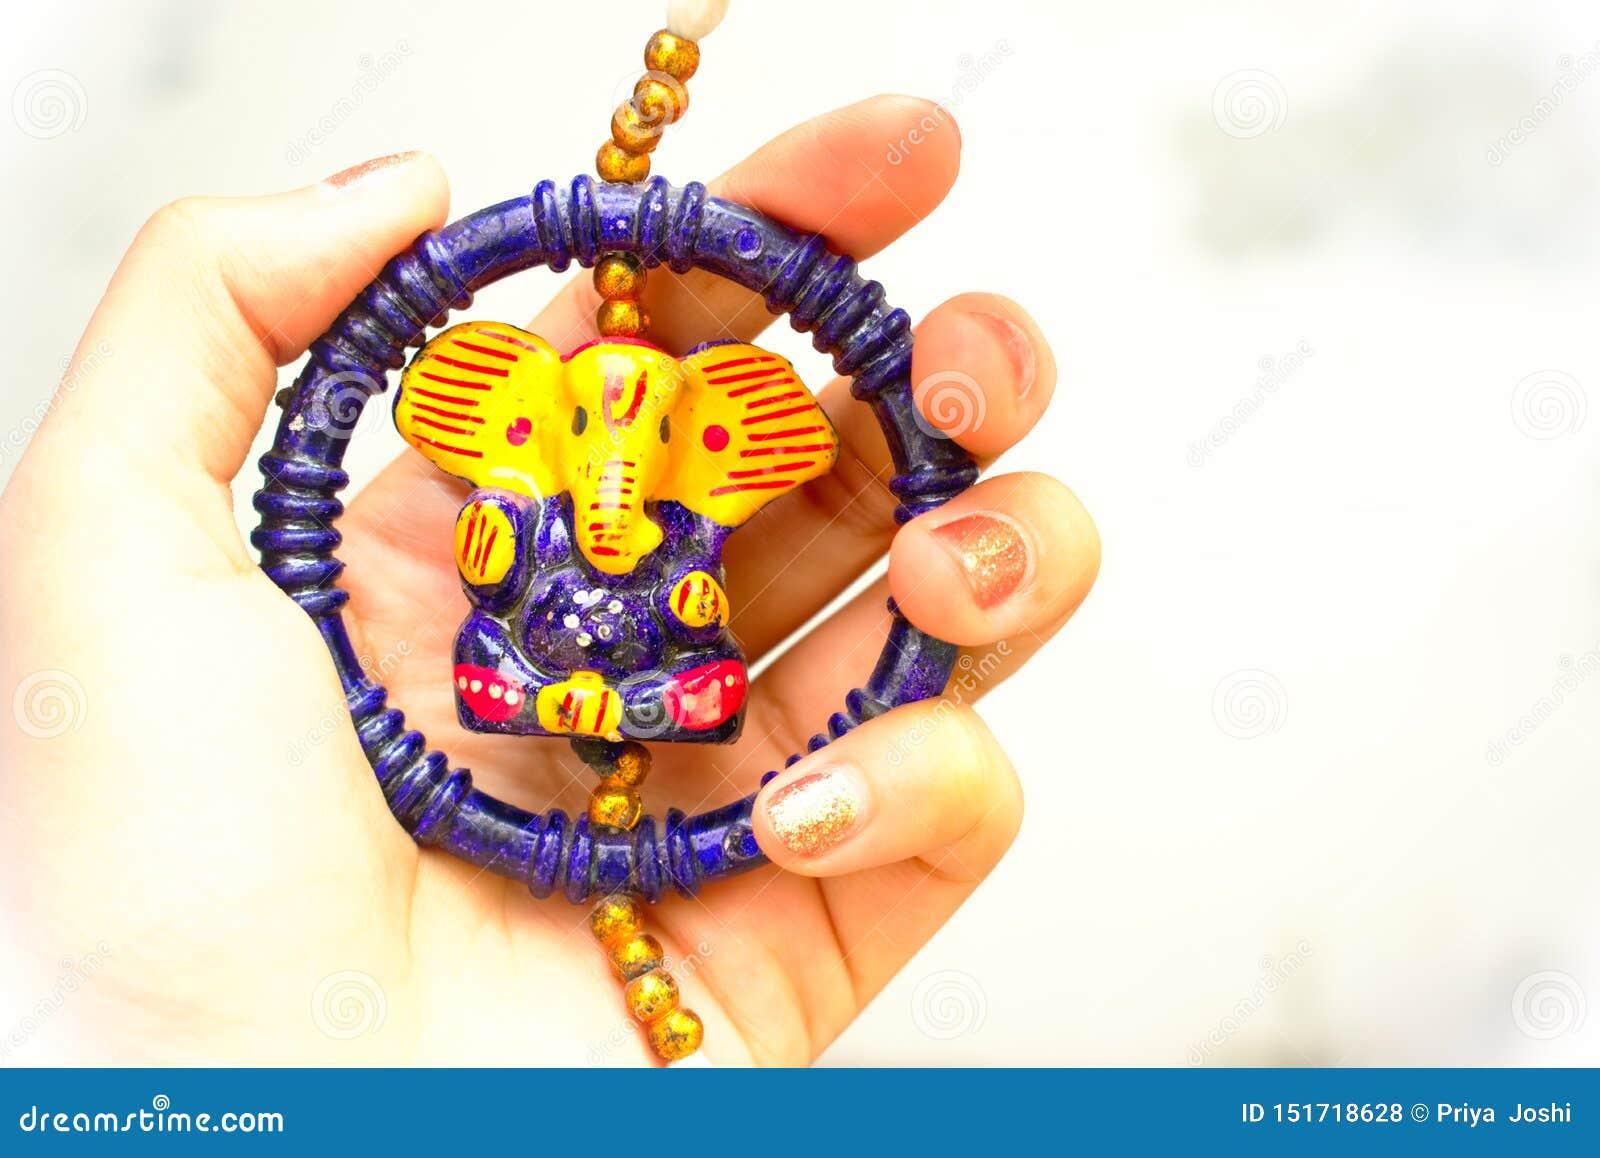 Mulher com as mãos bonitas que guardam o ídolo colorido bonito do ganesha indiano do senhor do deus vendido geralmente durante o